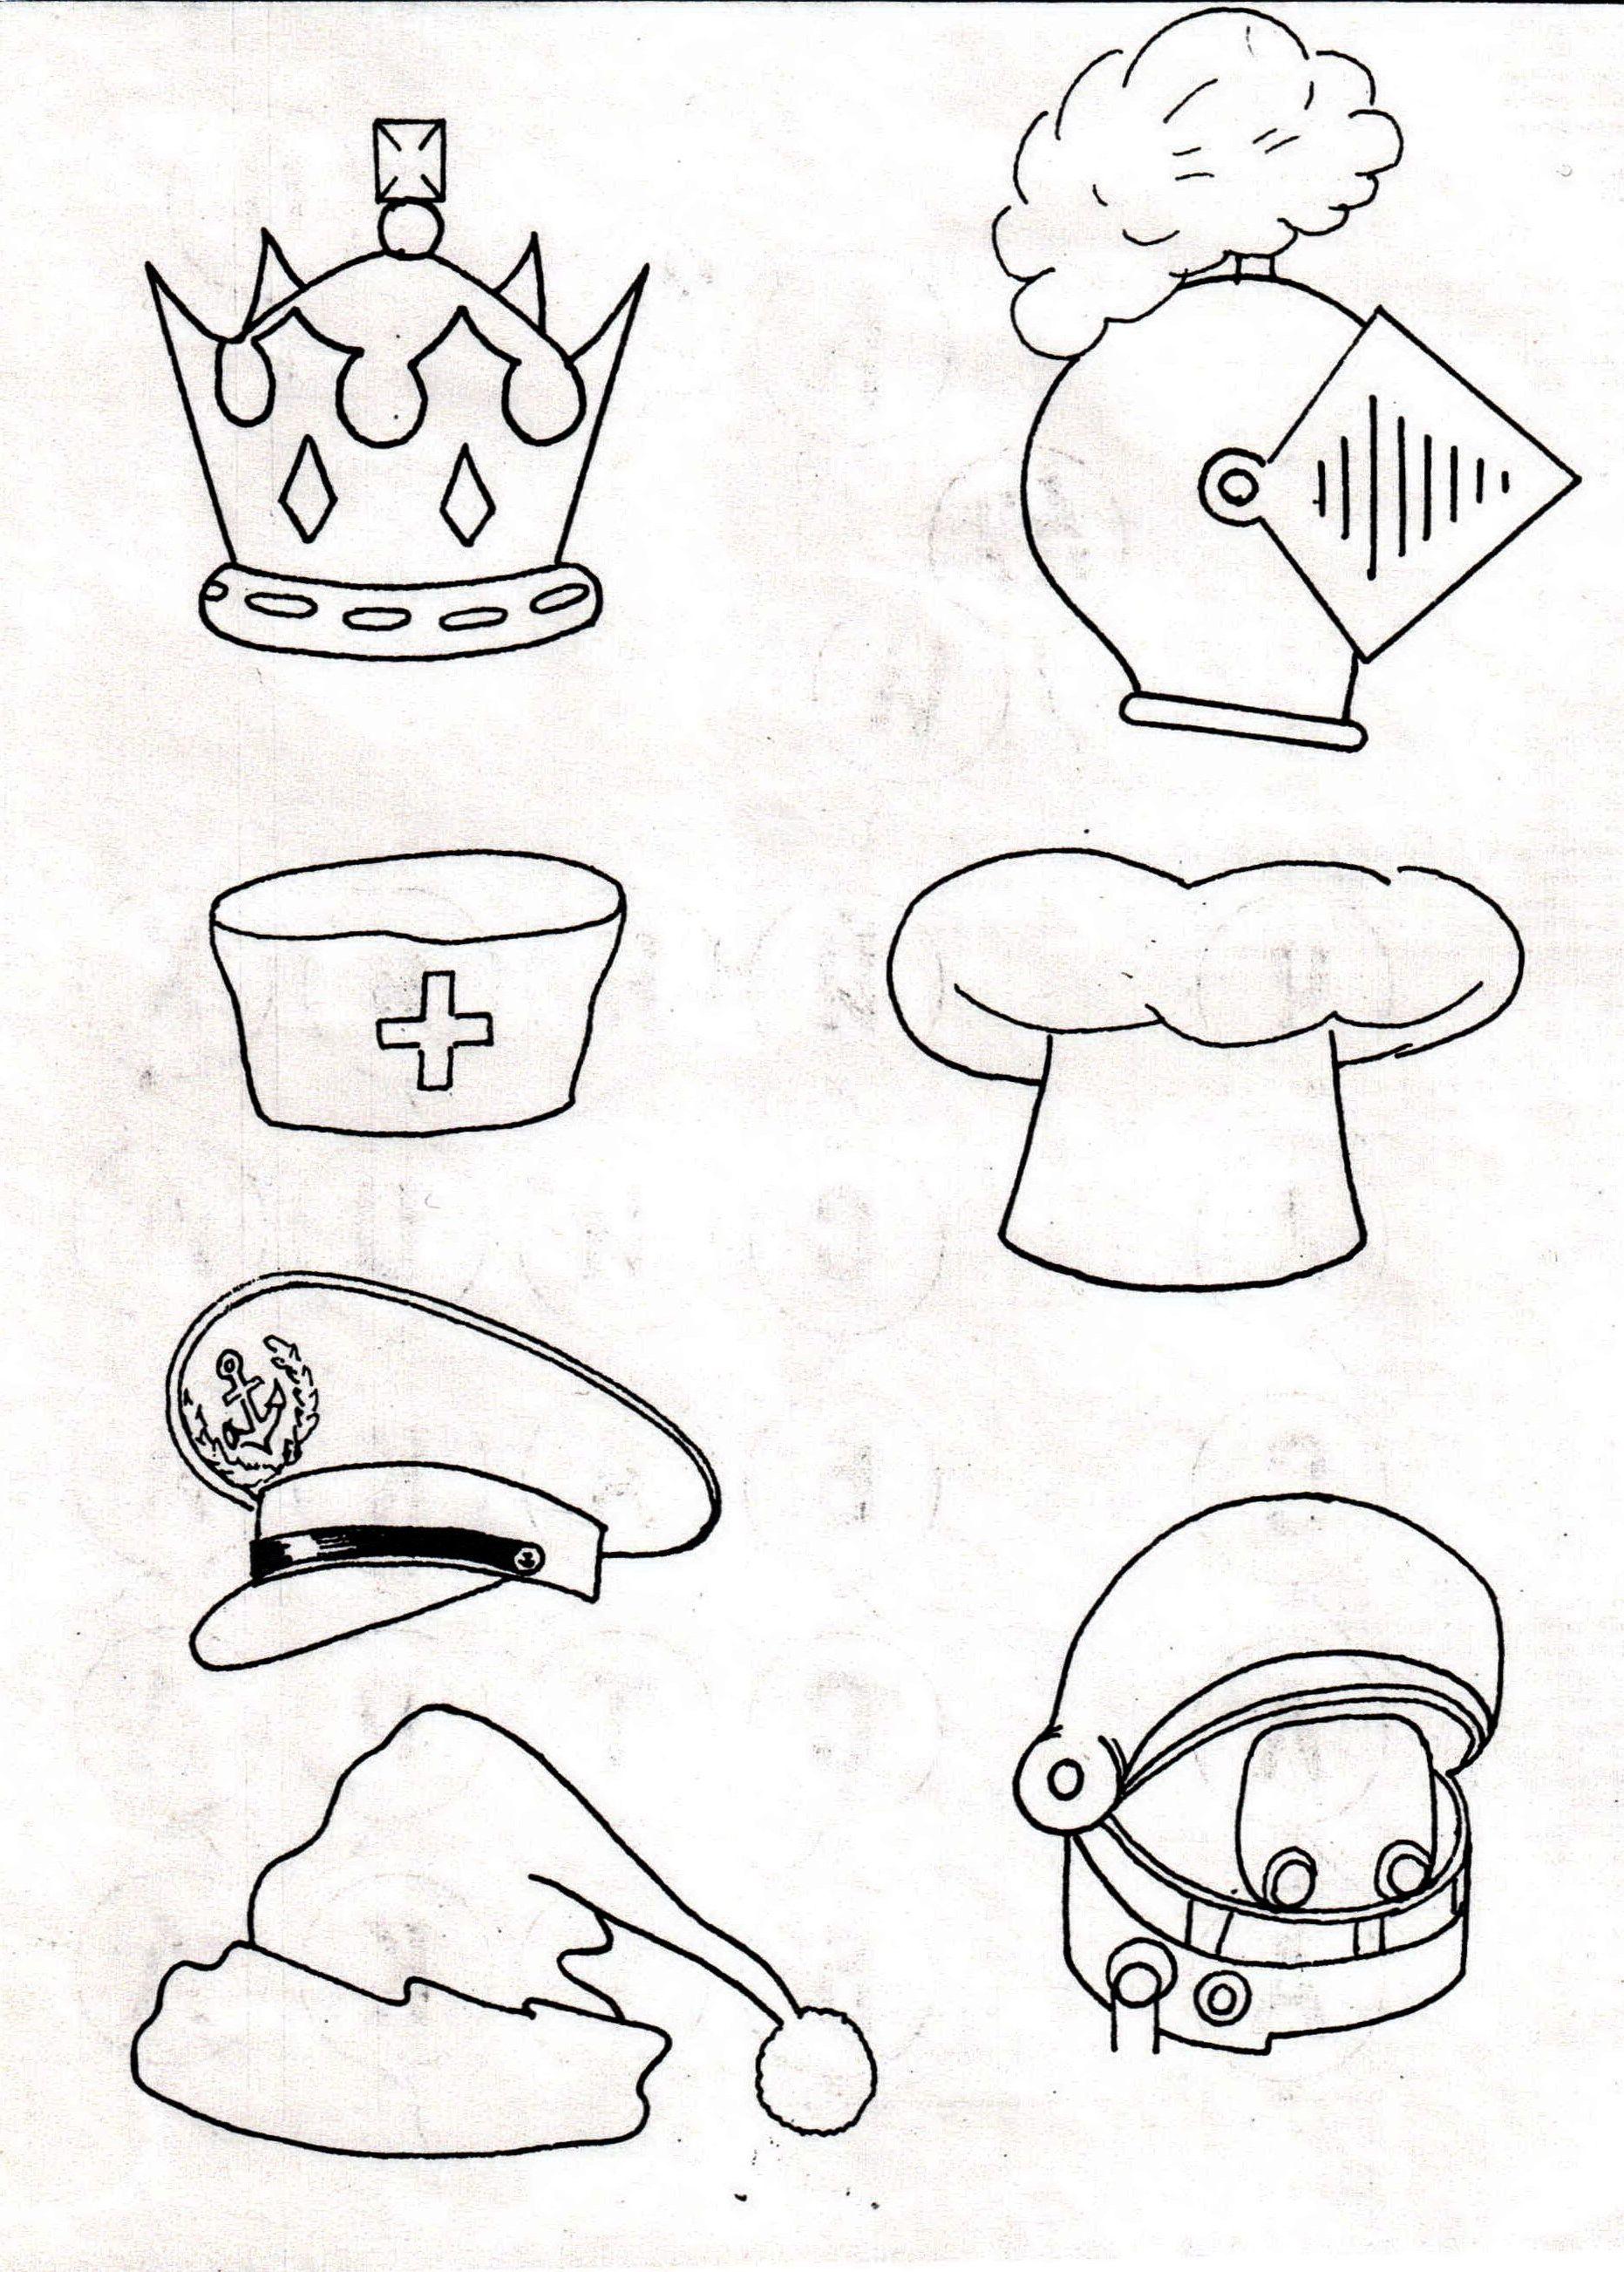 Картинка головной убор для детей в детском саду